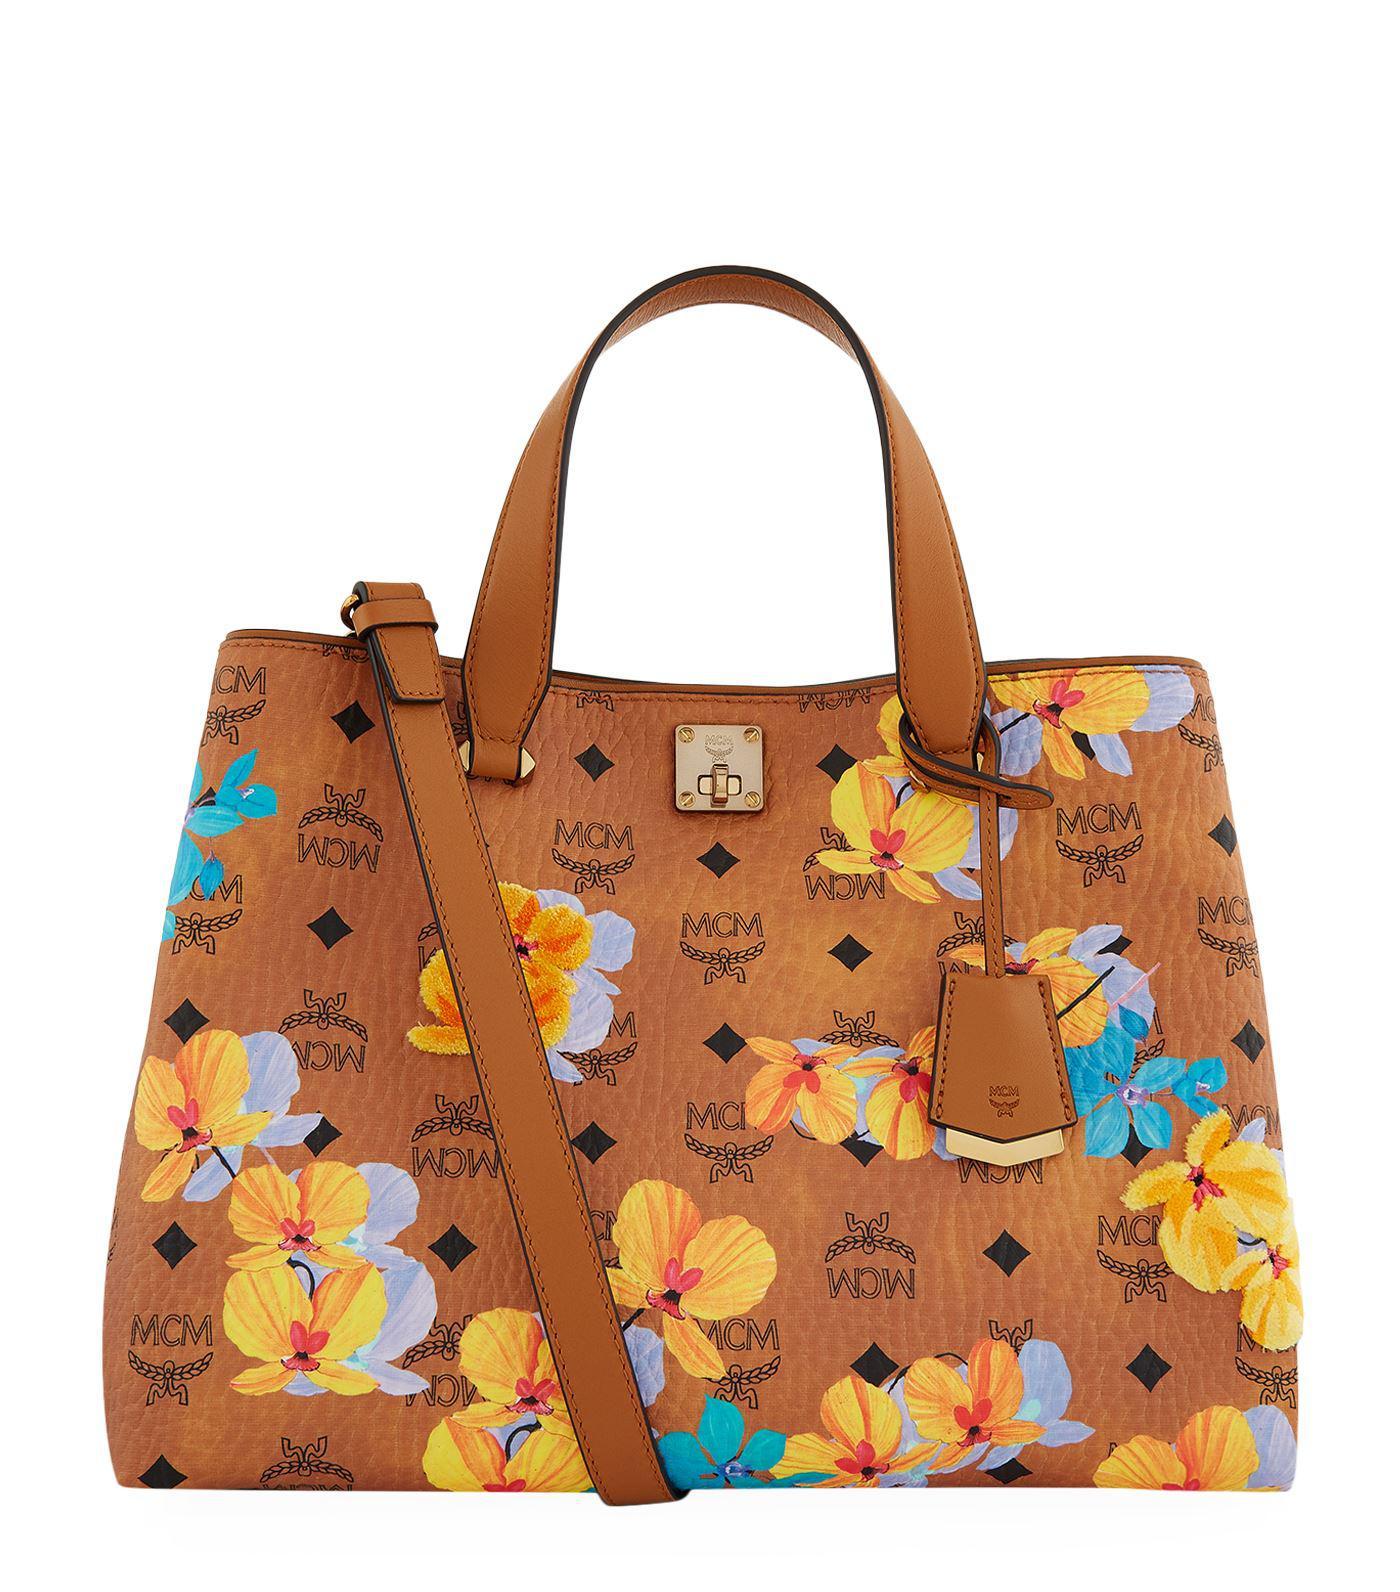 Toile Sac Shopper - Mcm Jaune Et Orange BL15G